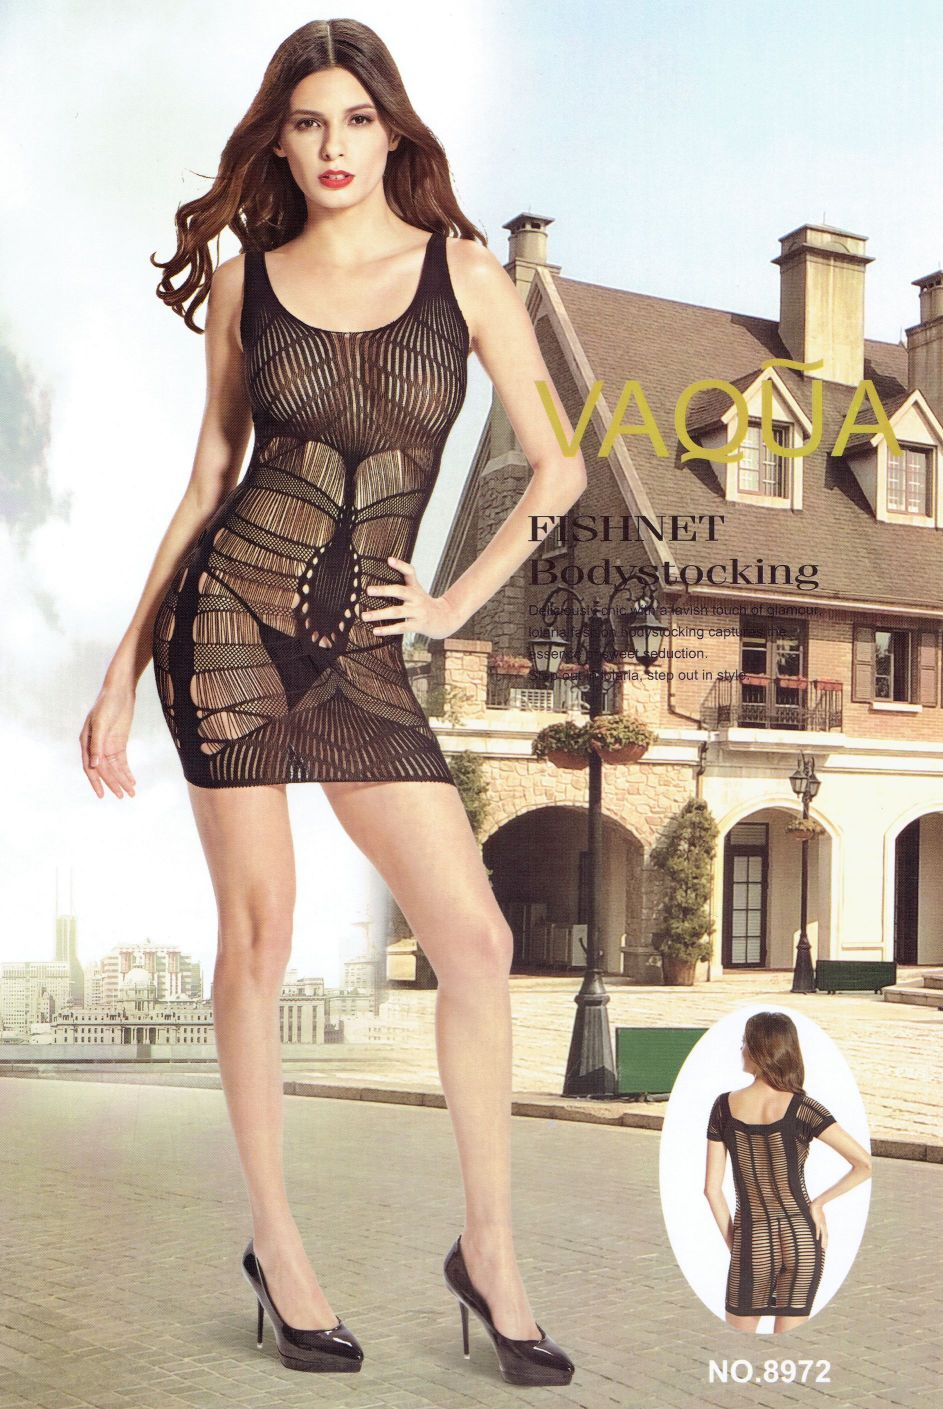 שמלת מיני מרשת חצי שקוף מקדימה ומאחורה